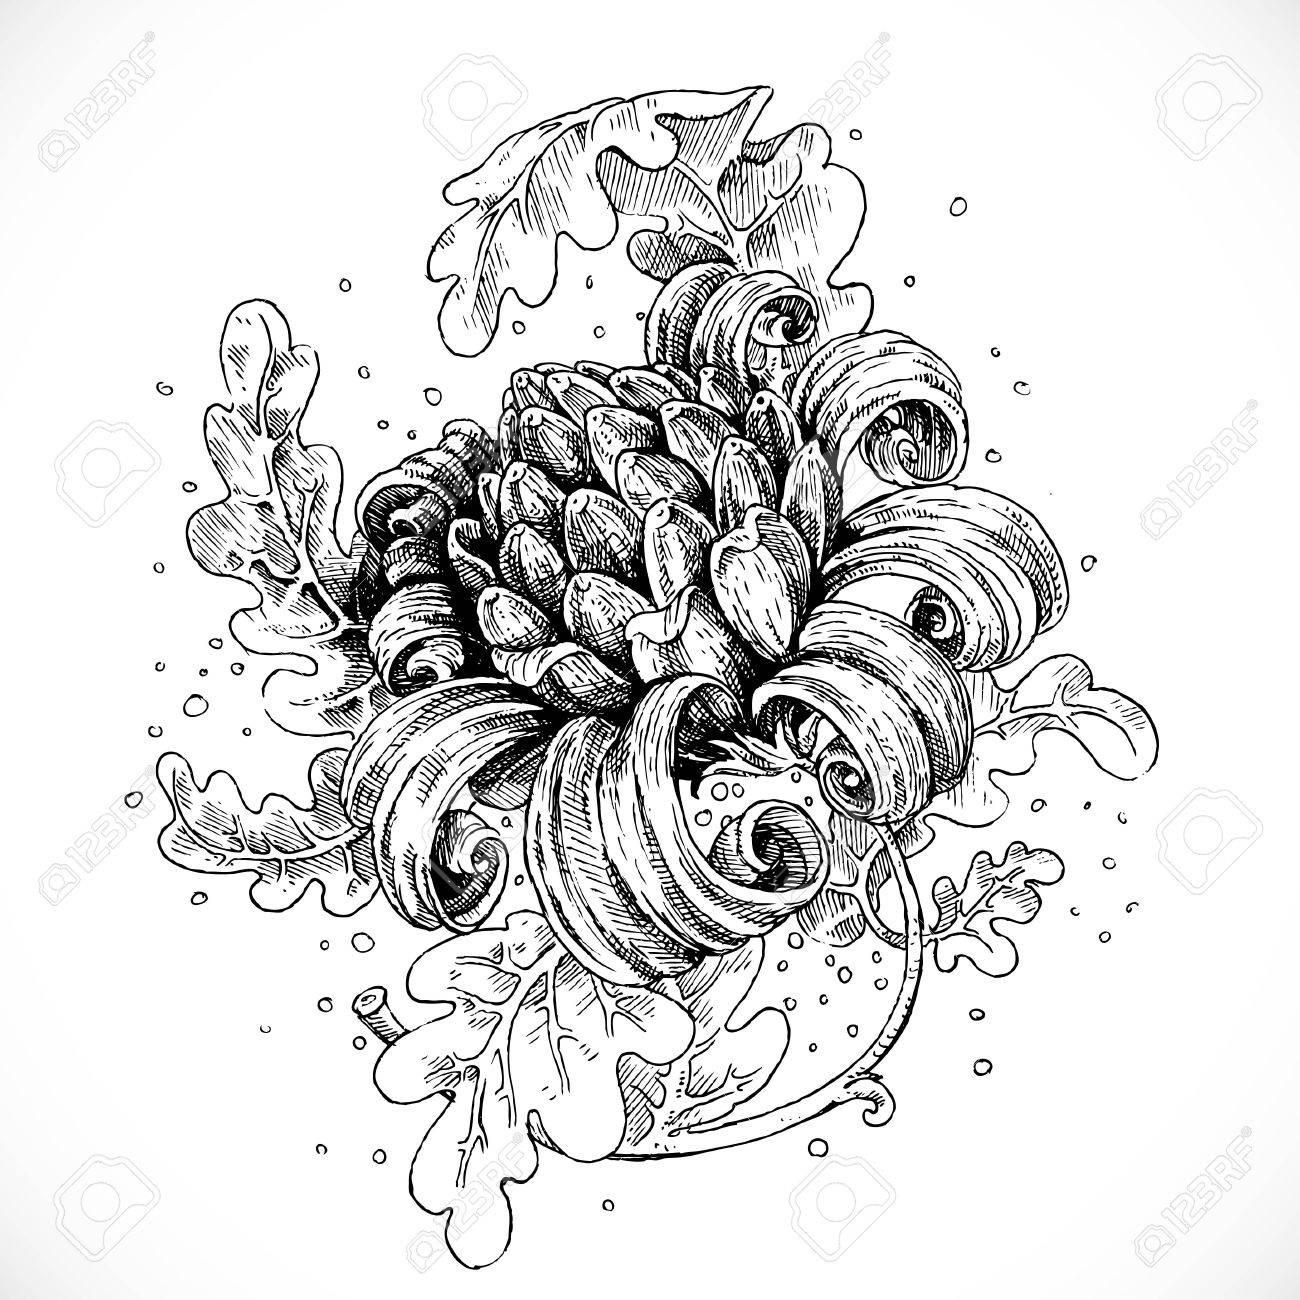 Schwarz Weiß Zeichnung Fantasie Blumen Und Blätter Lizenzfrei